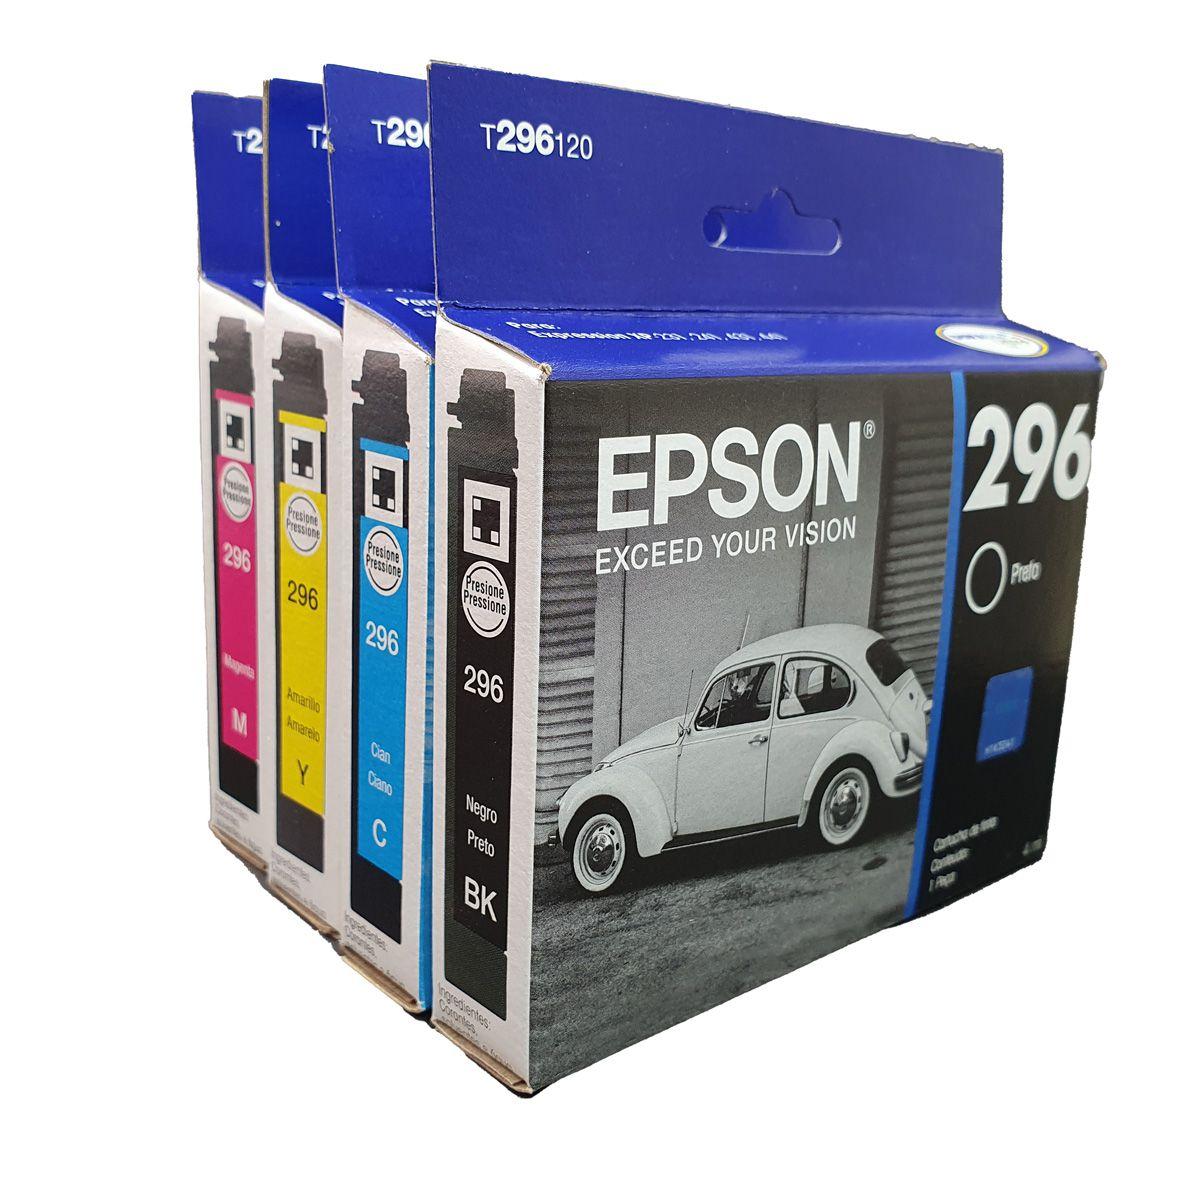 Kit 4 cartuchos T296 296 preto e colorido originais Epson para XP231 XP431